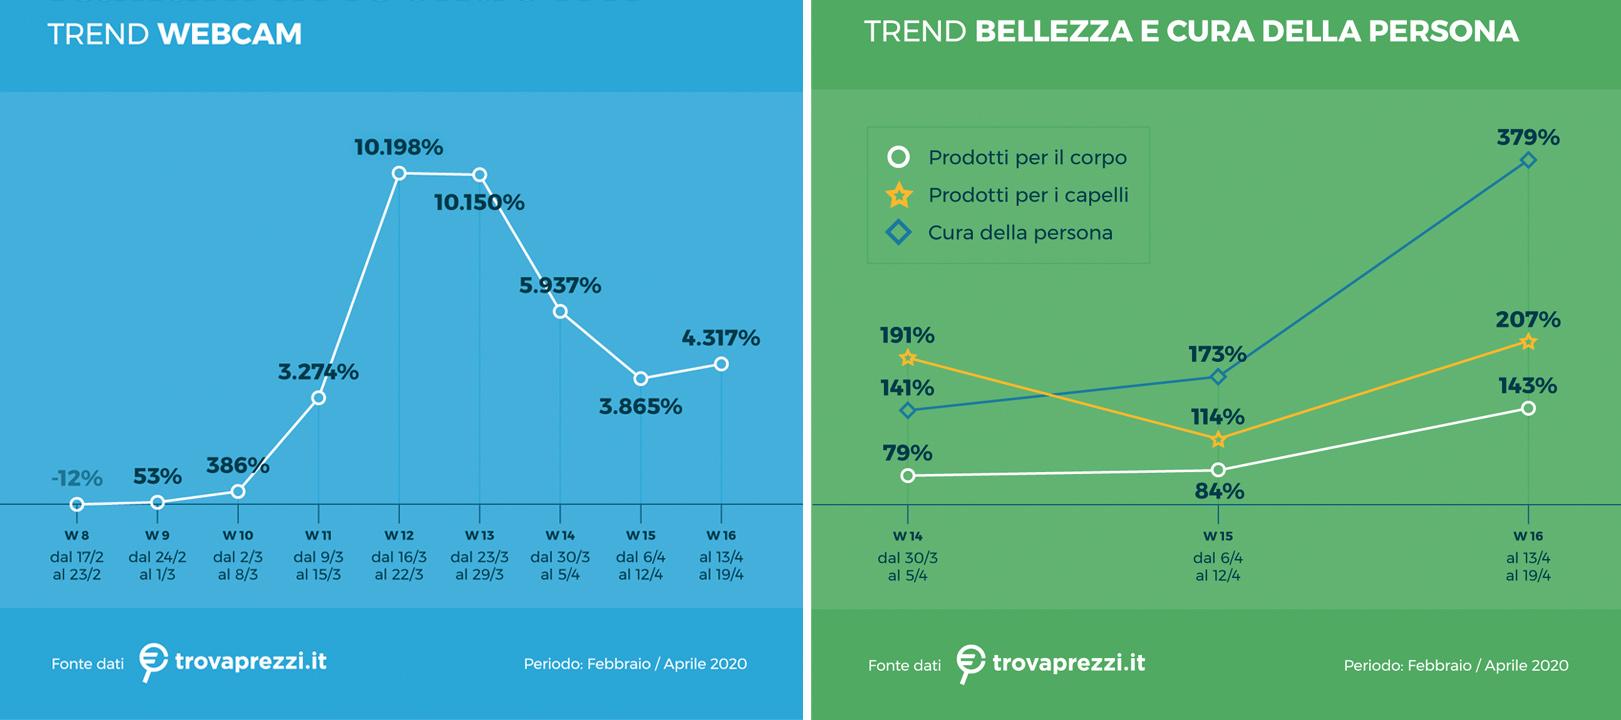 trend acquisti italiani ricerche web